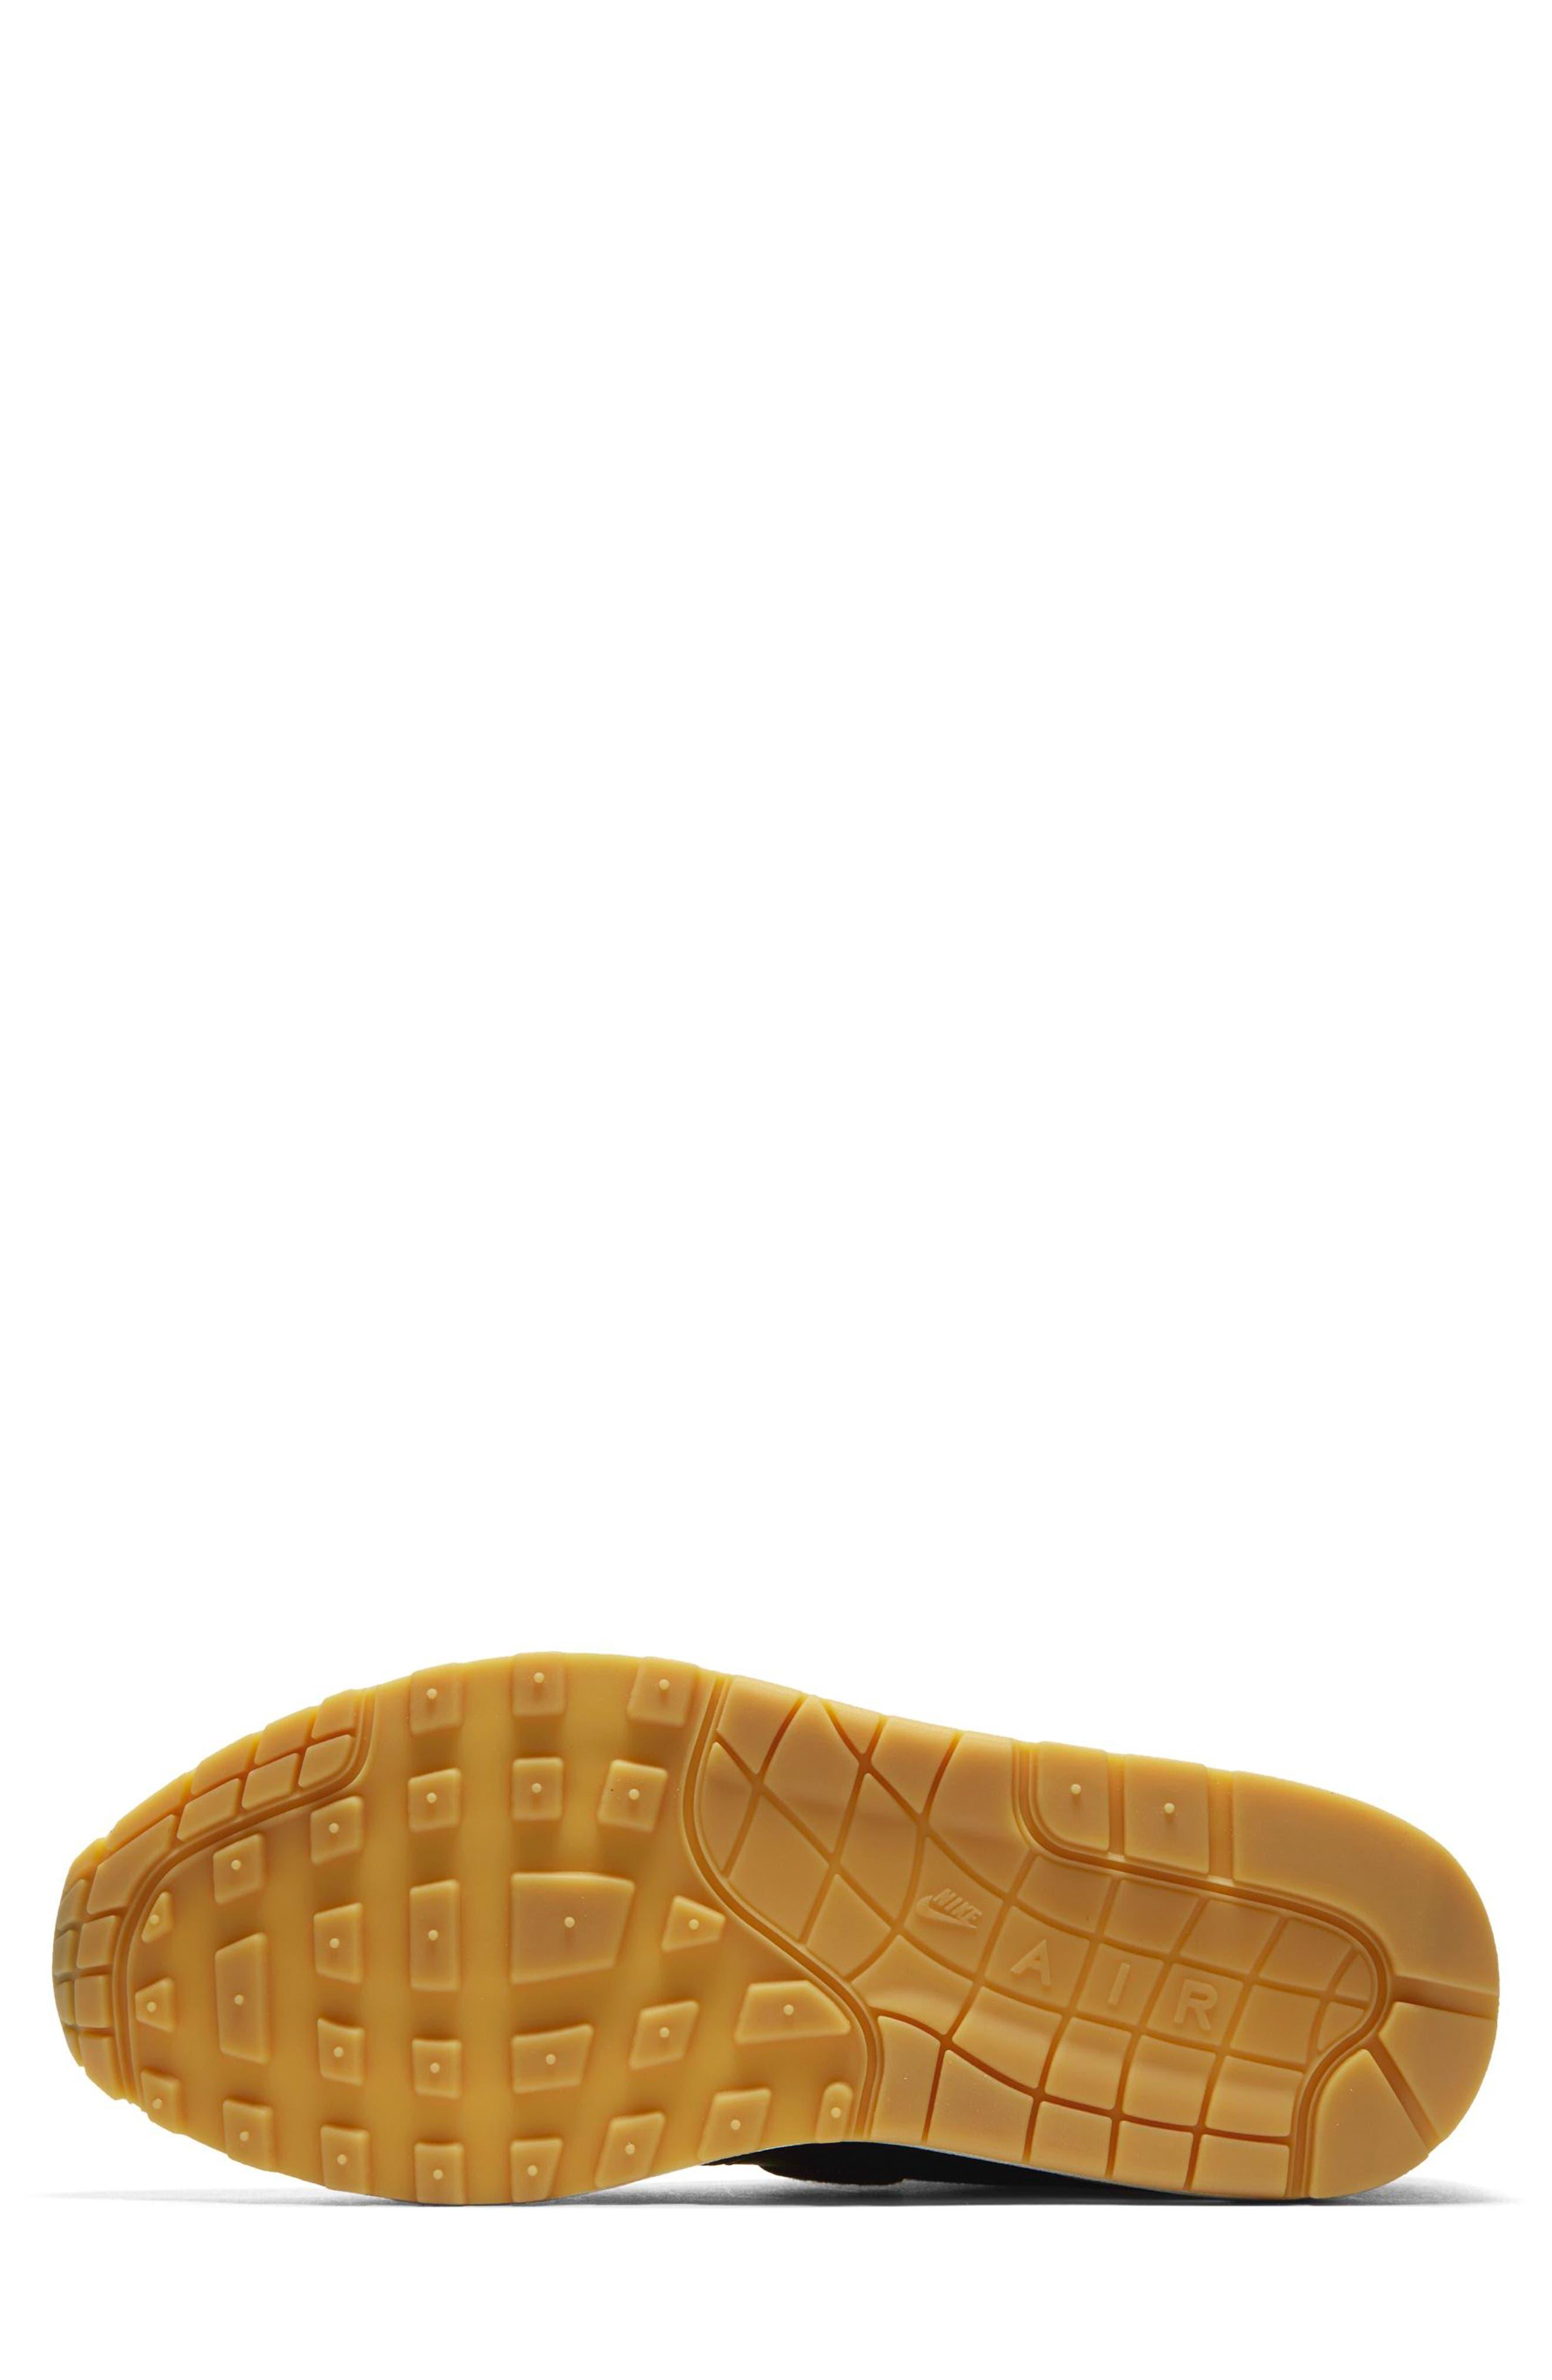 Air Max 1 Premium Sneaker,                             Alternate thumbnail 5, color,                             002